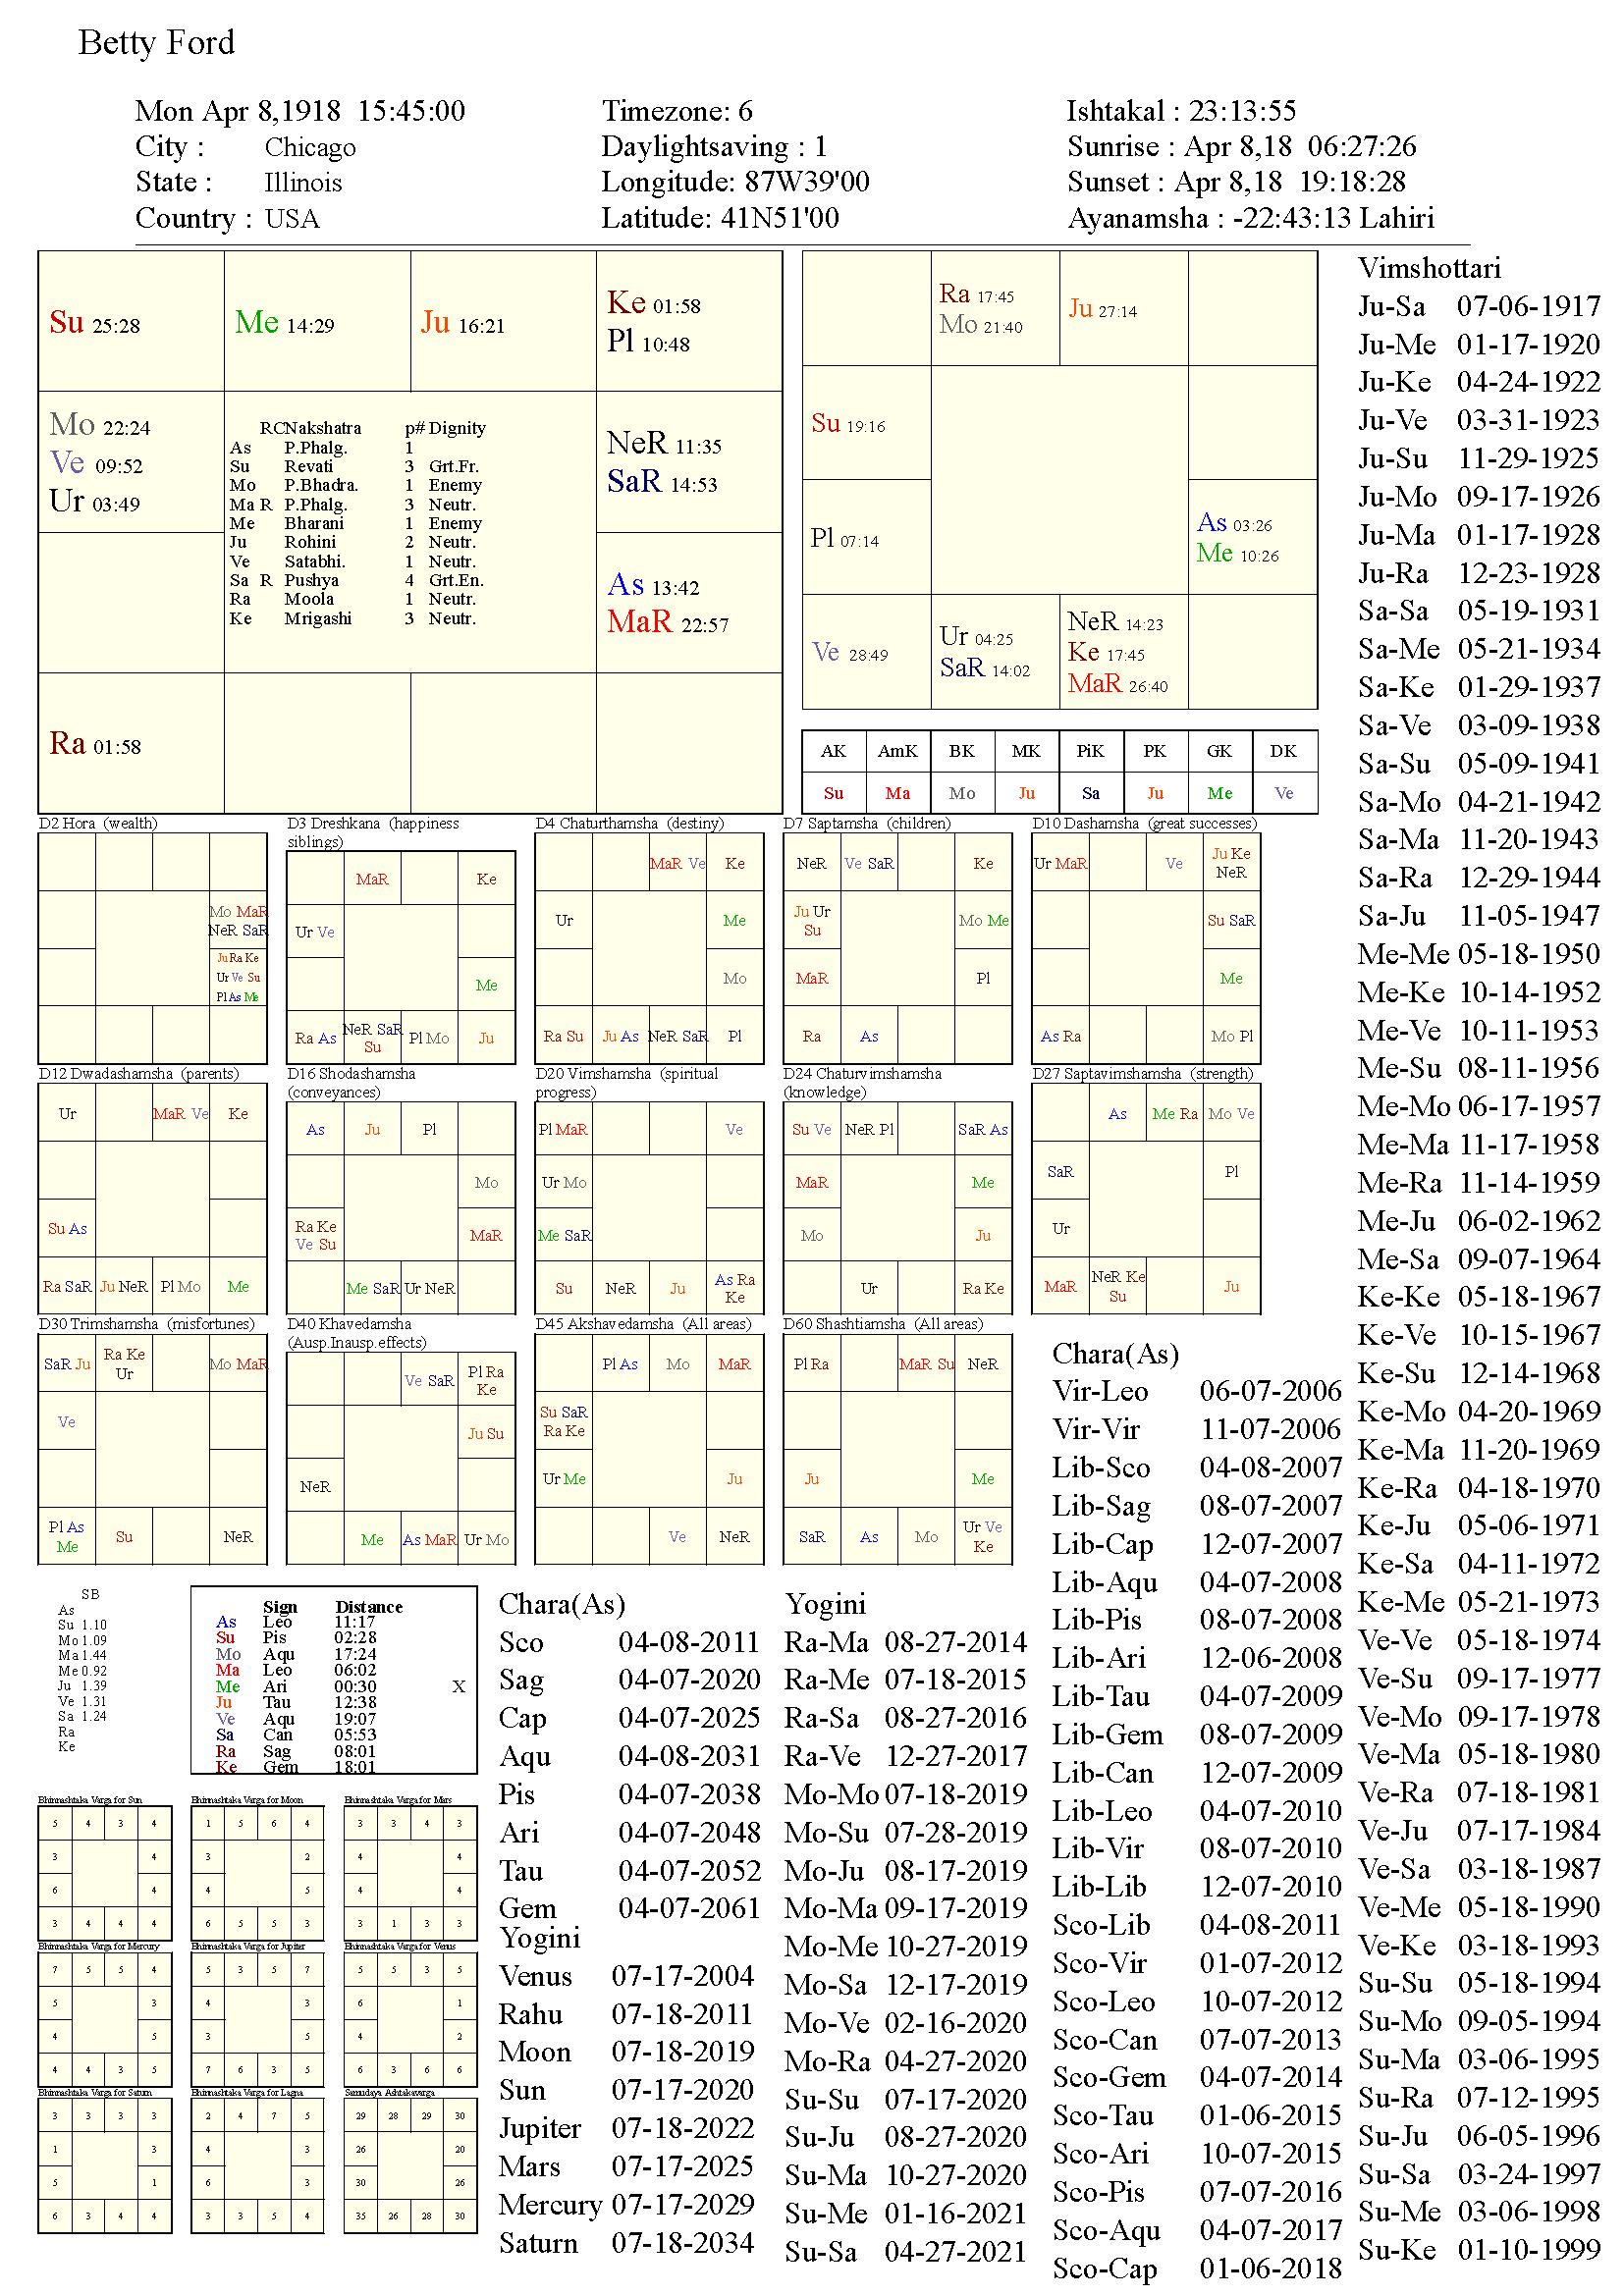 bettyford_chart